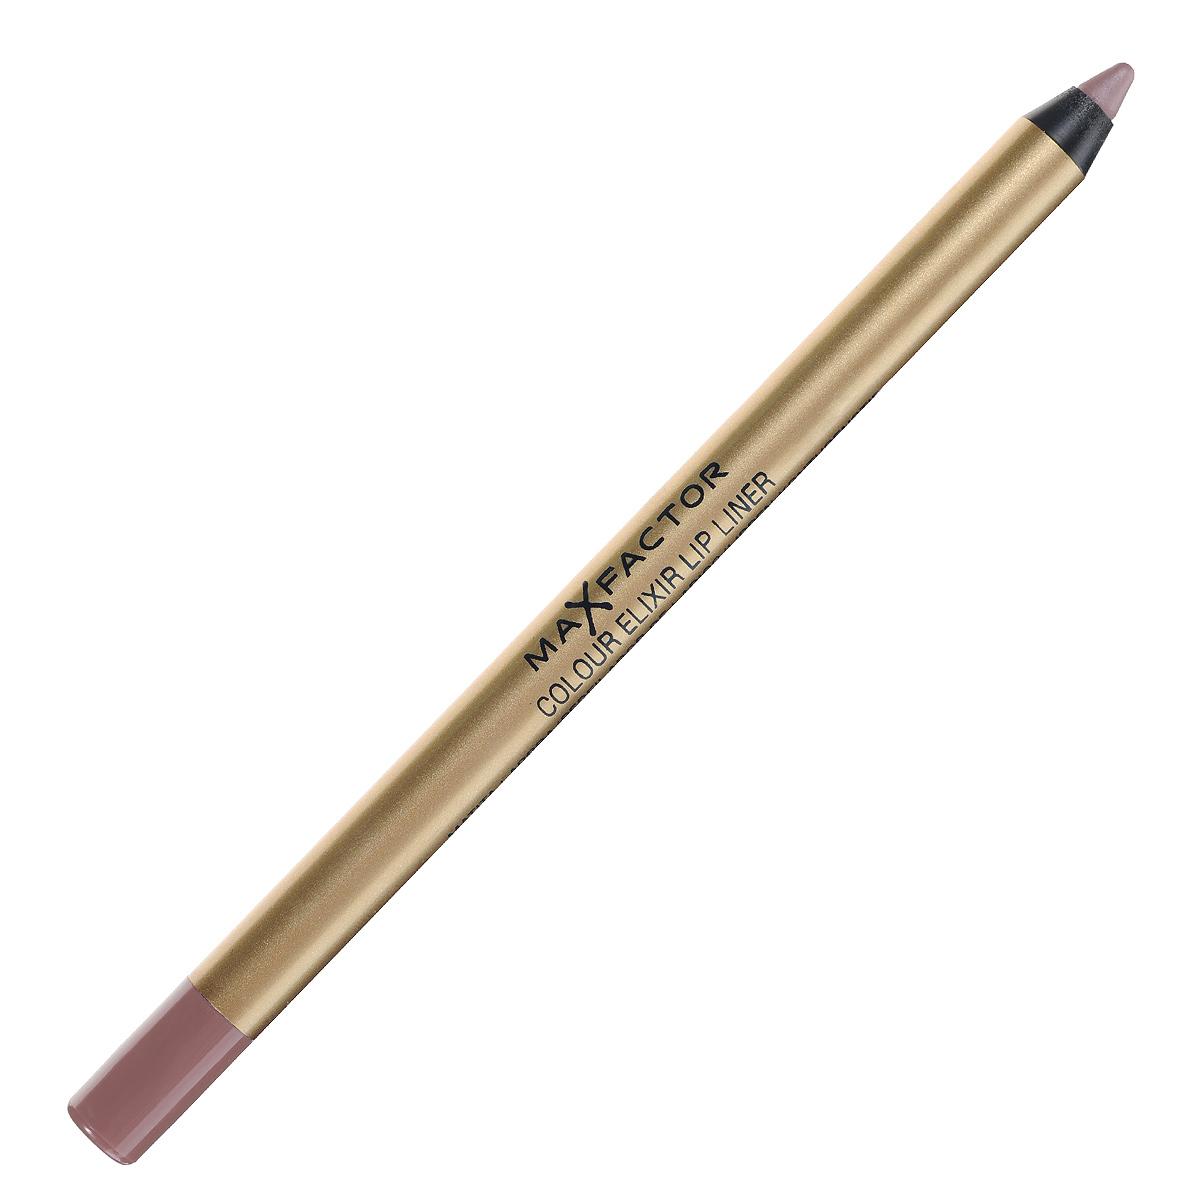 Max Factor Карандаш для губ Colour Elixir Lip Liner, тон №02 pink petal, цвет: светло-розовый чашка для яйца colour caro